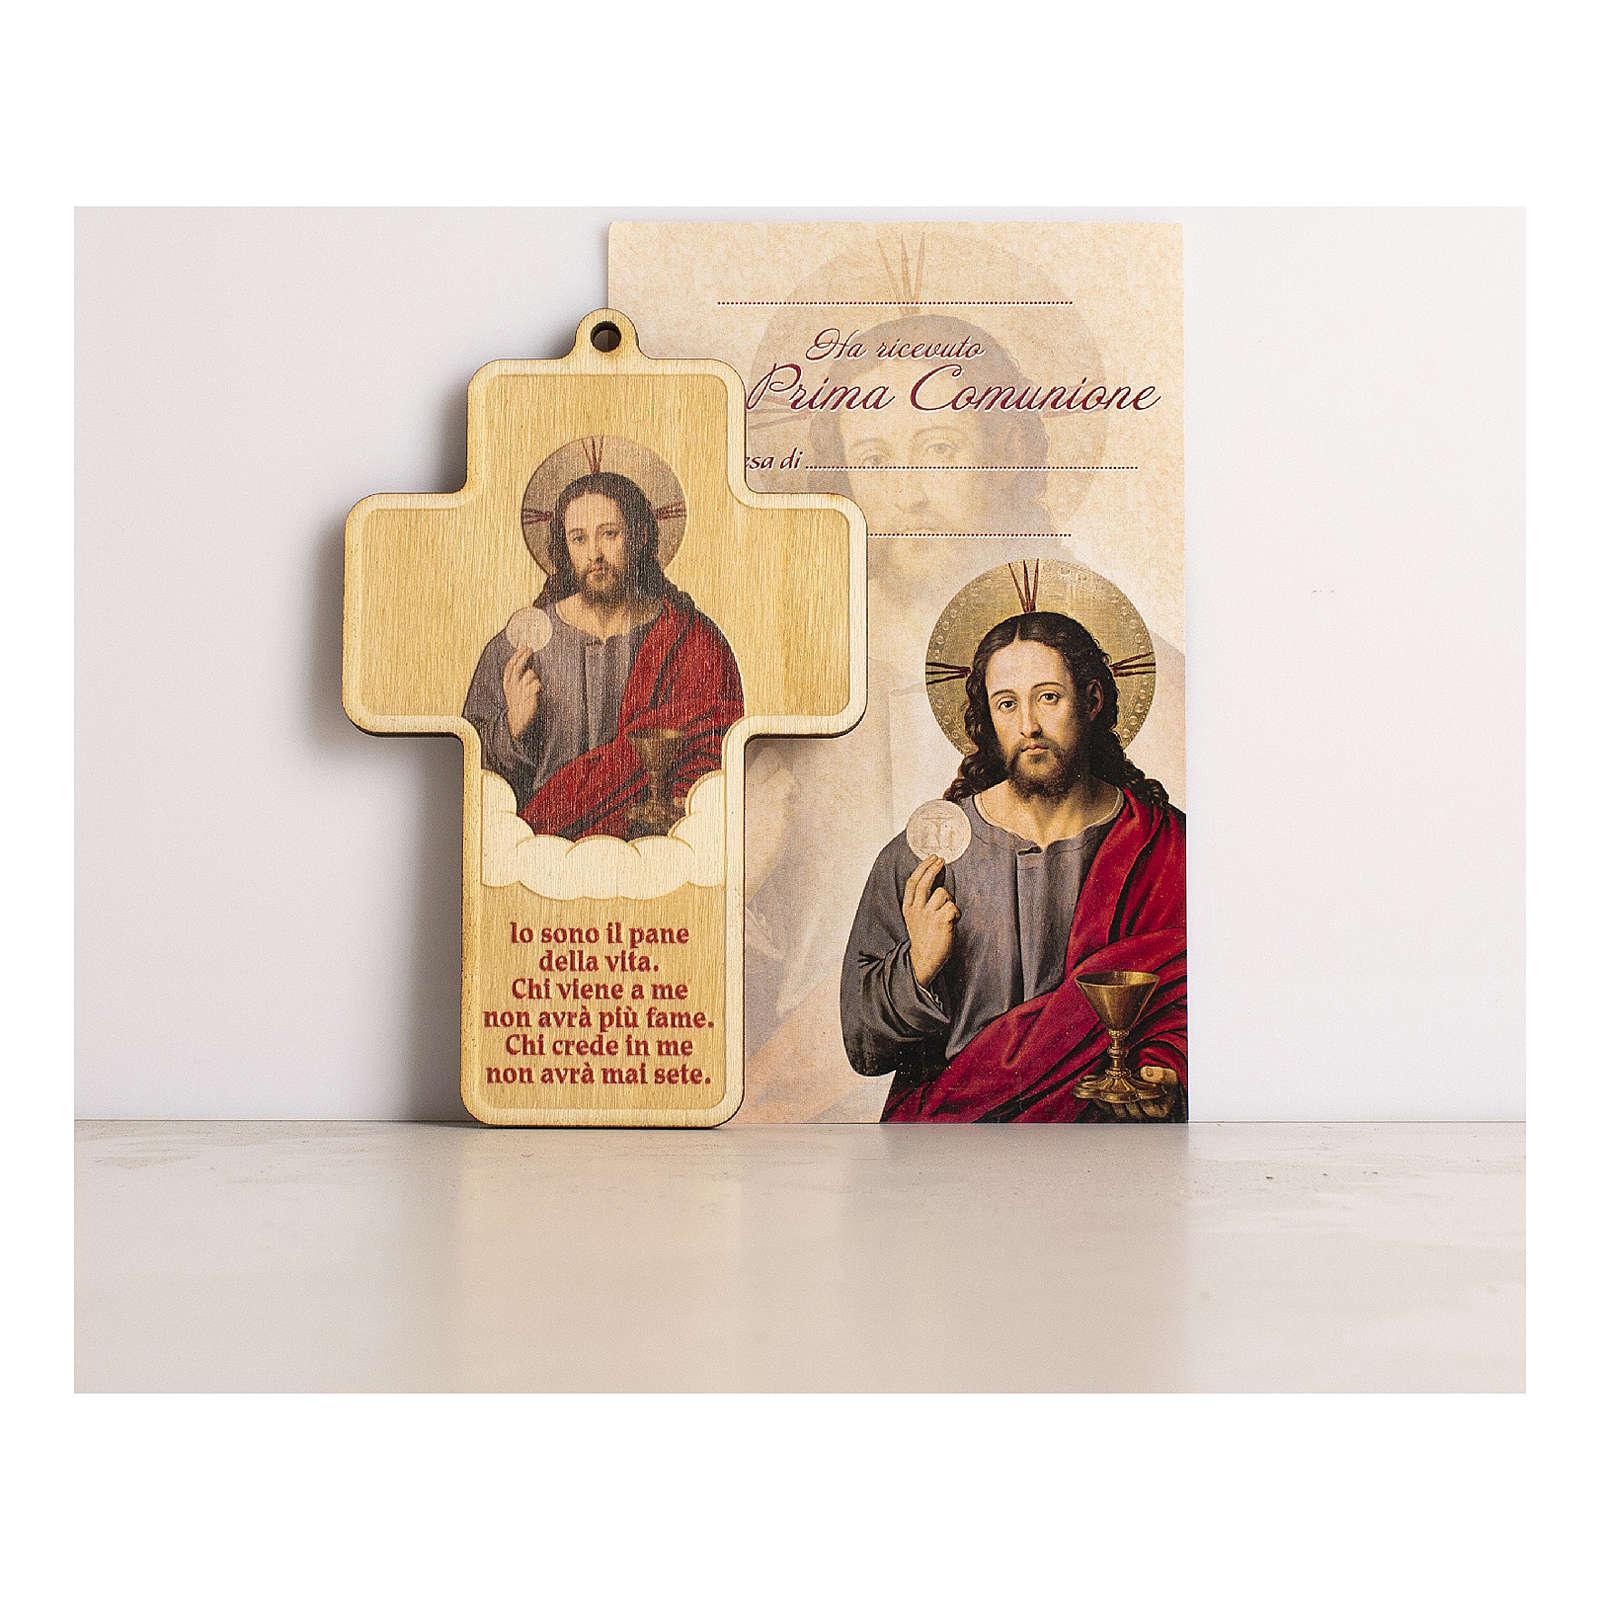 Croce Comunione in legno dipinto Gesù consacra il Pane Diploma 3